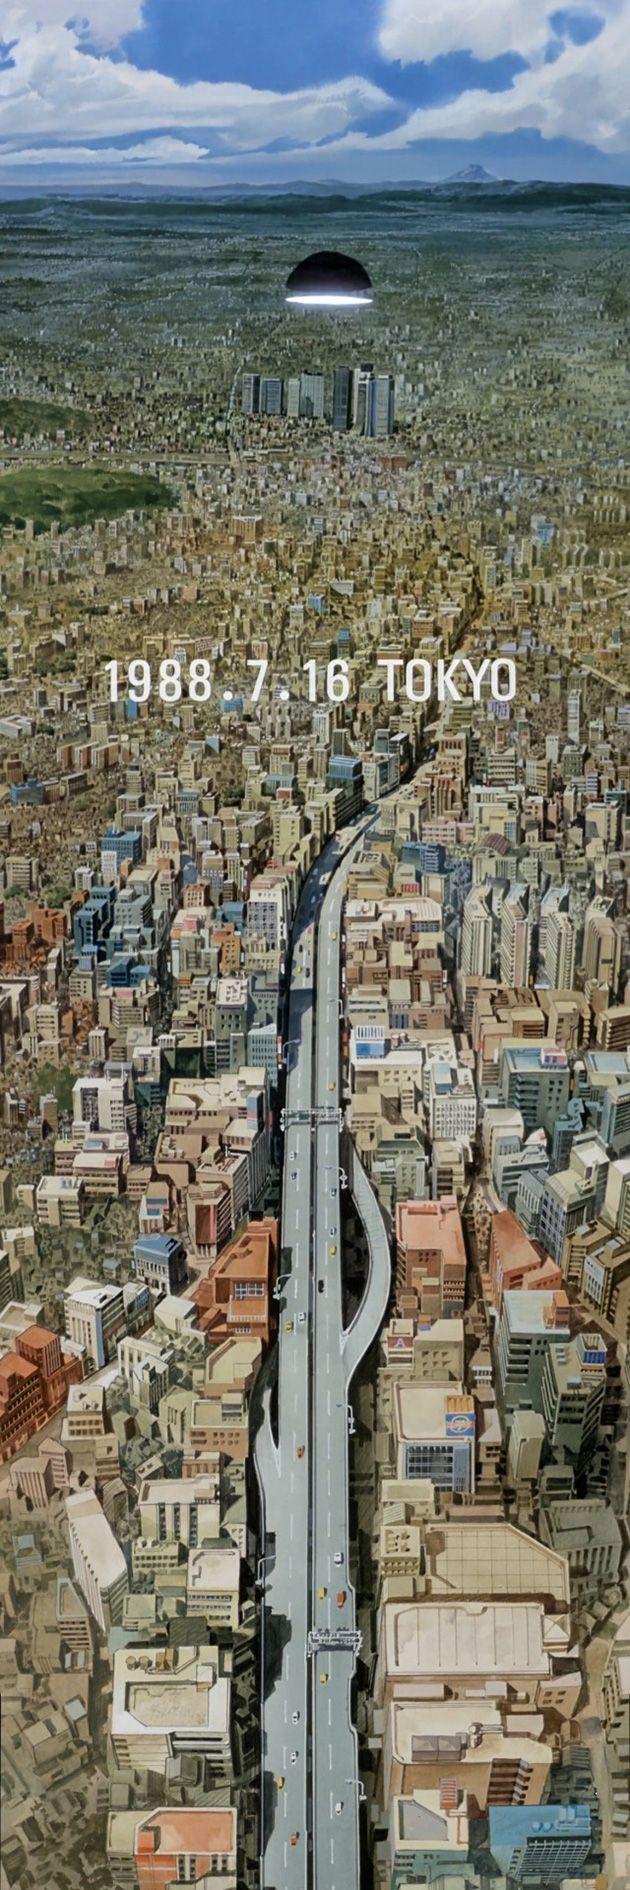 Background art from Katsuhiro Otomo's Akira